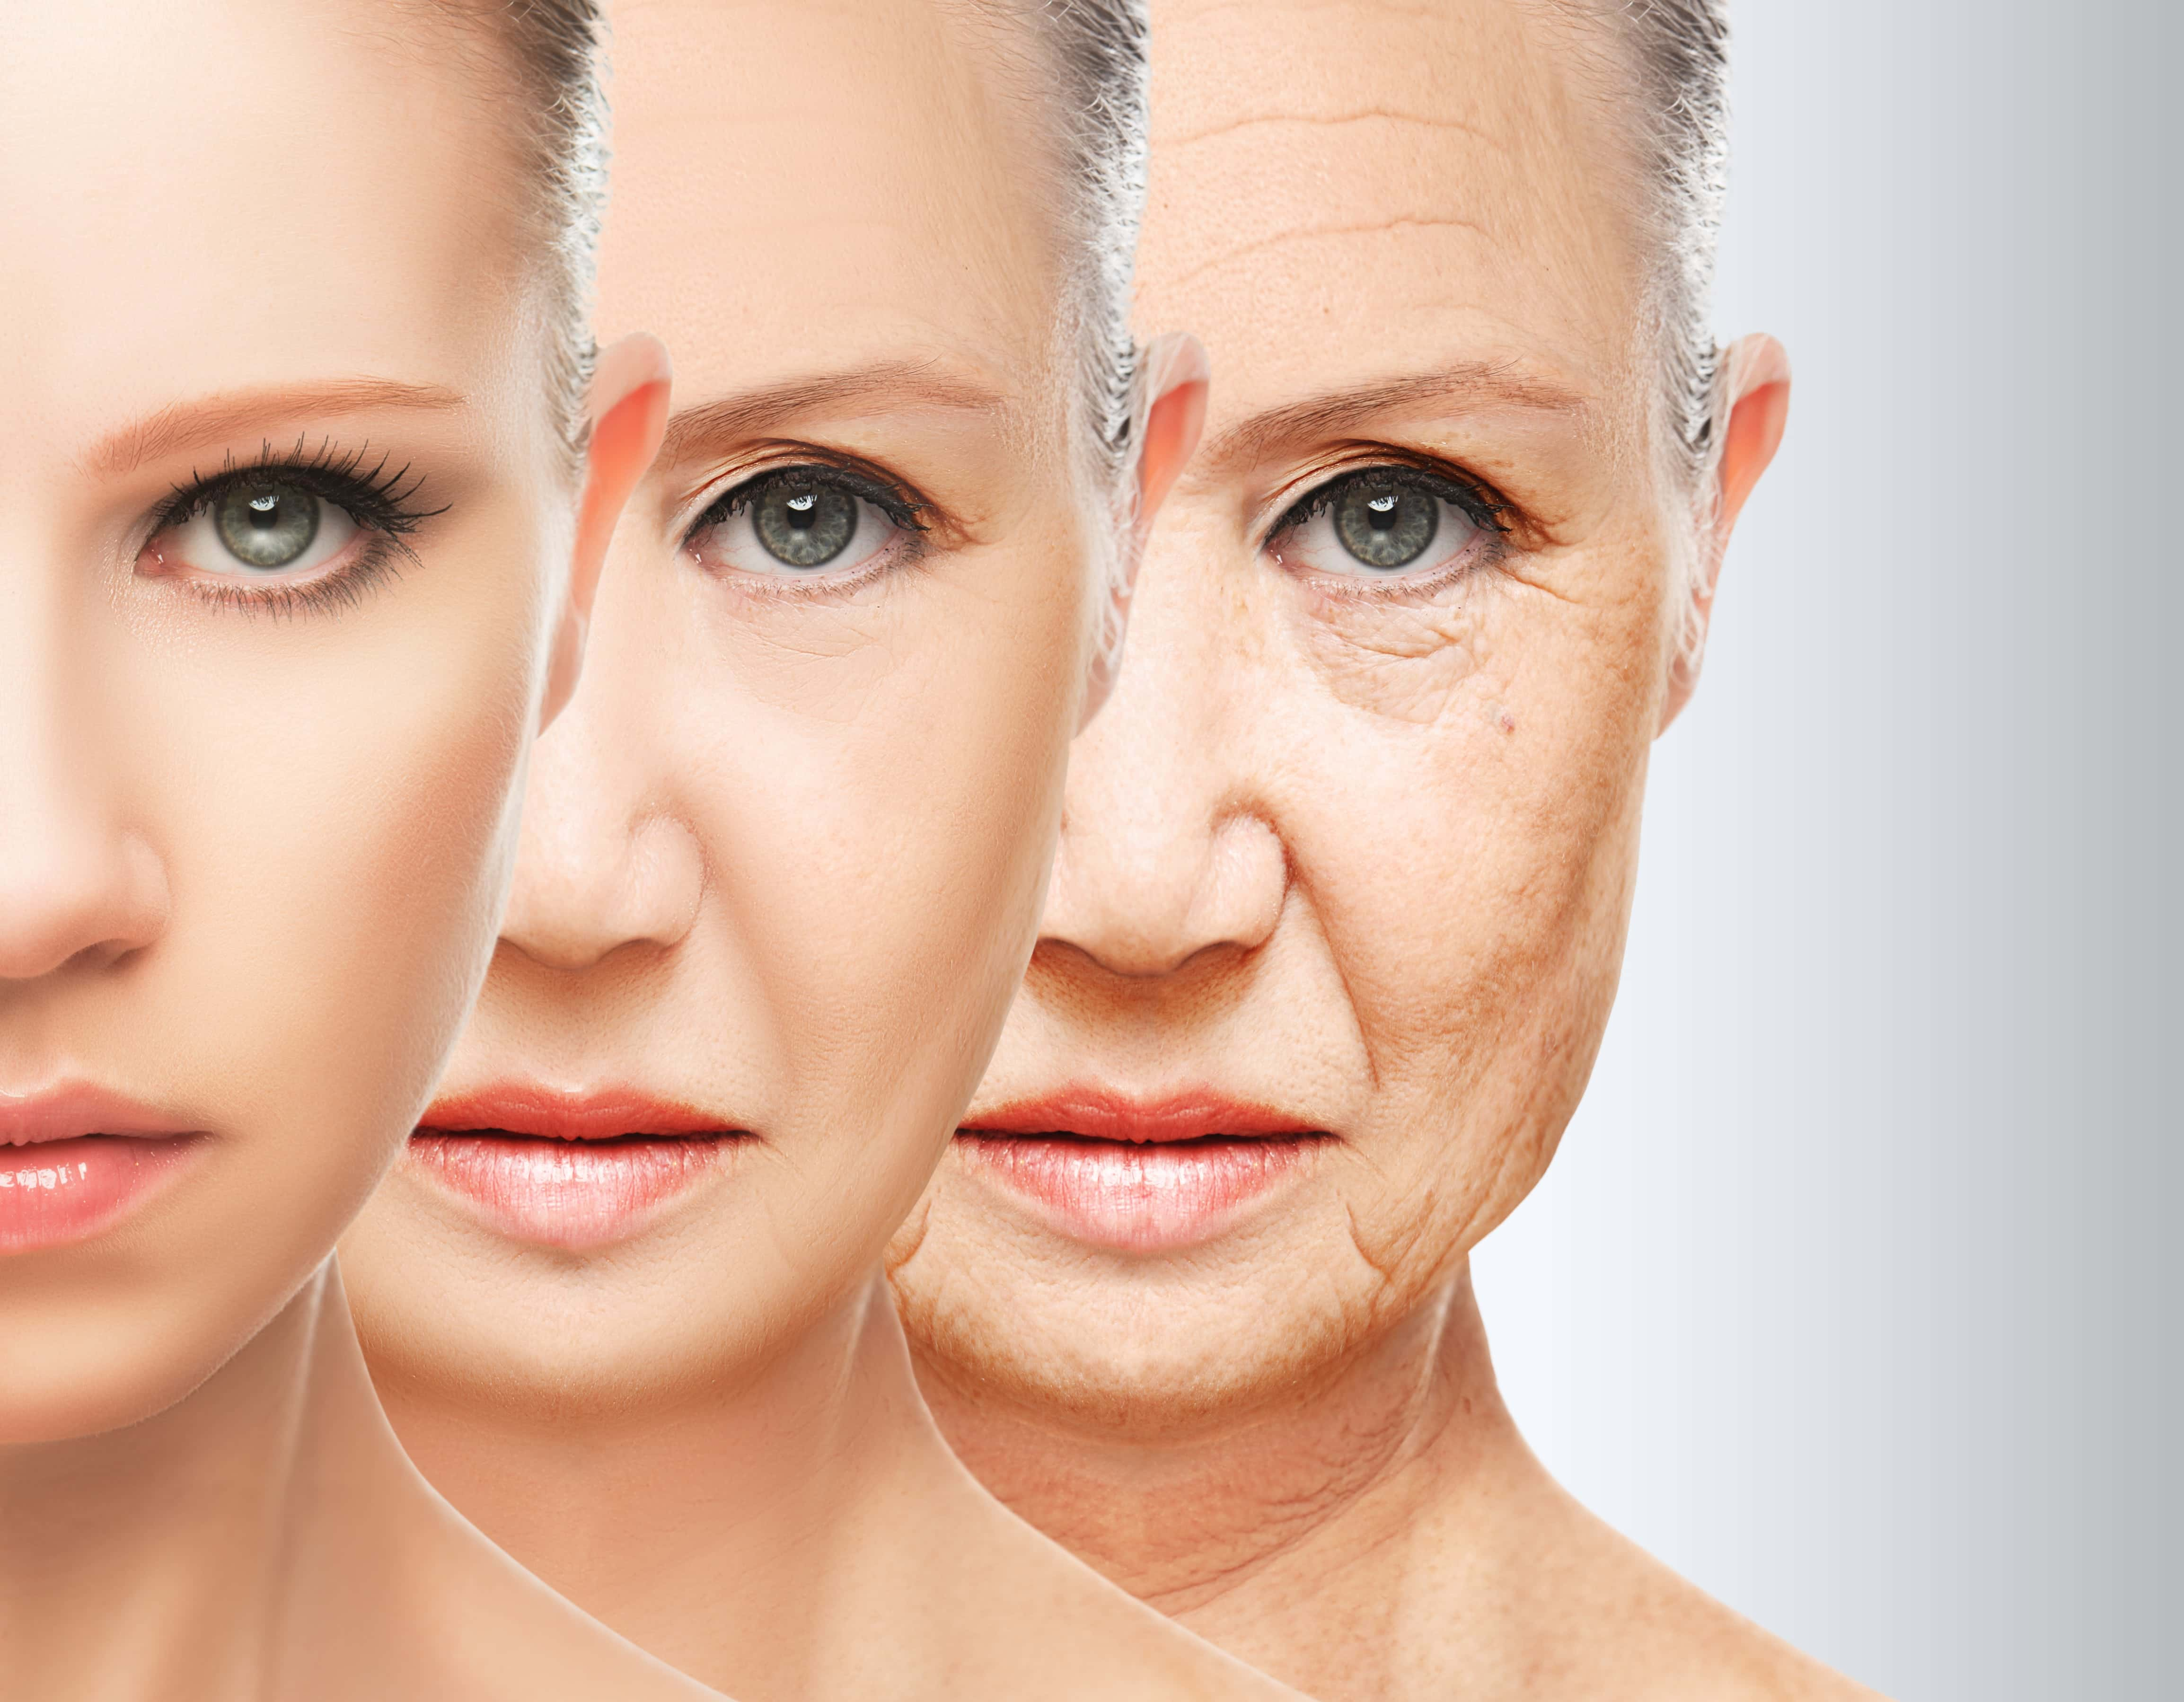 Process of Facial Aging